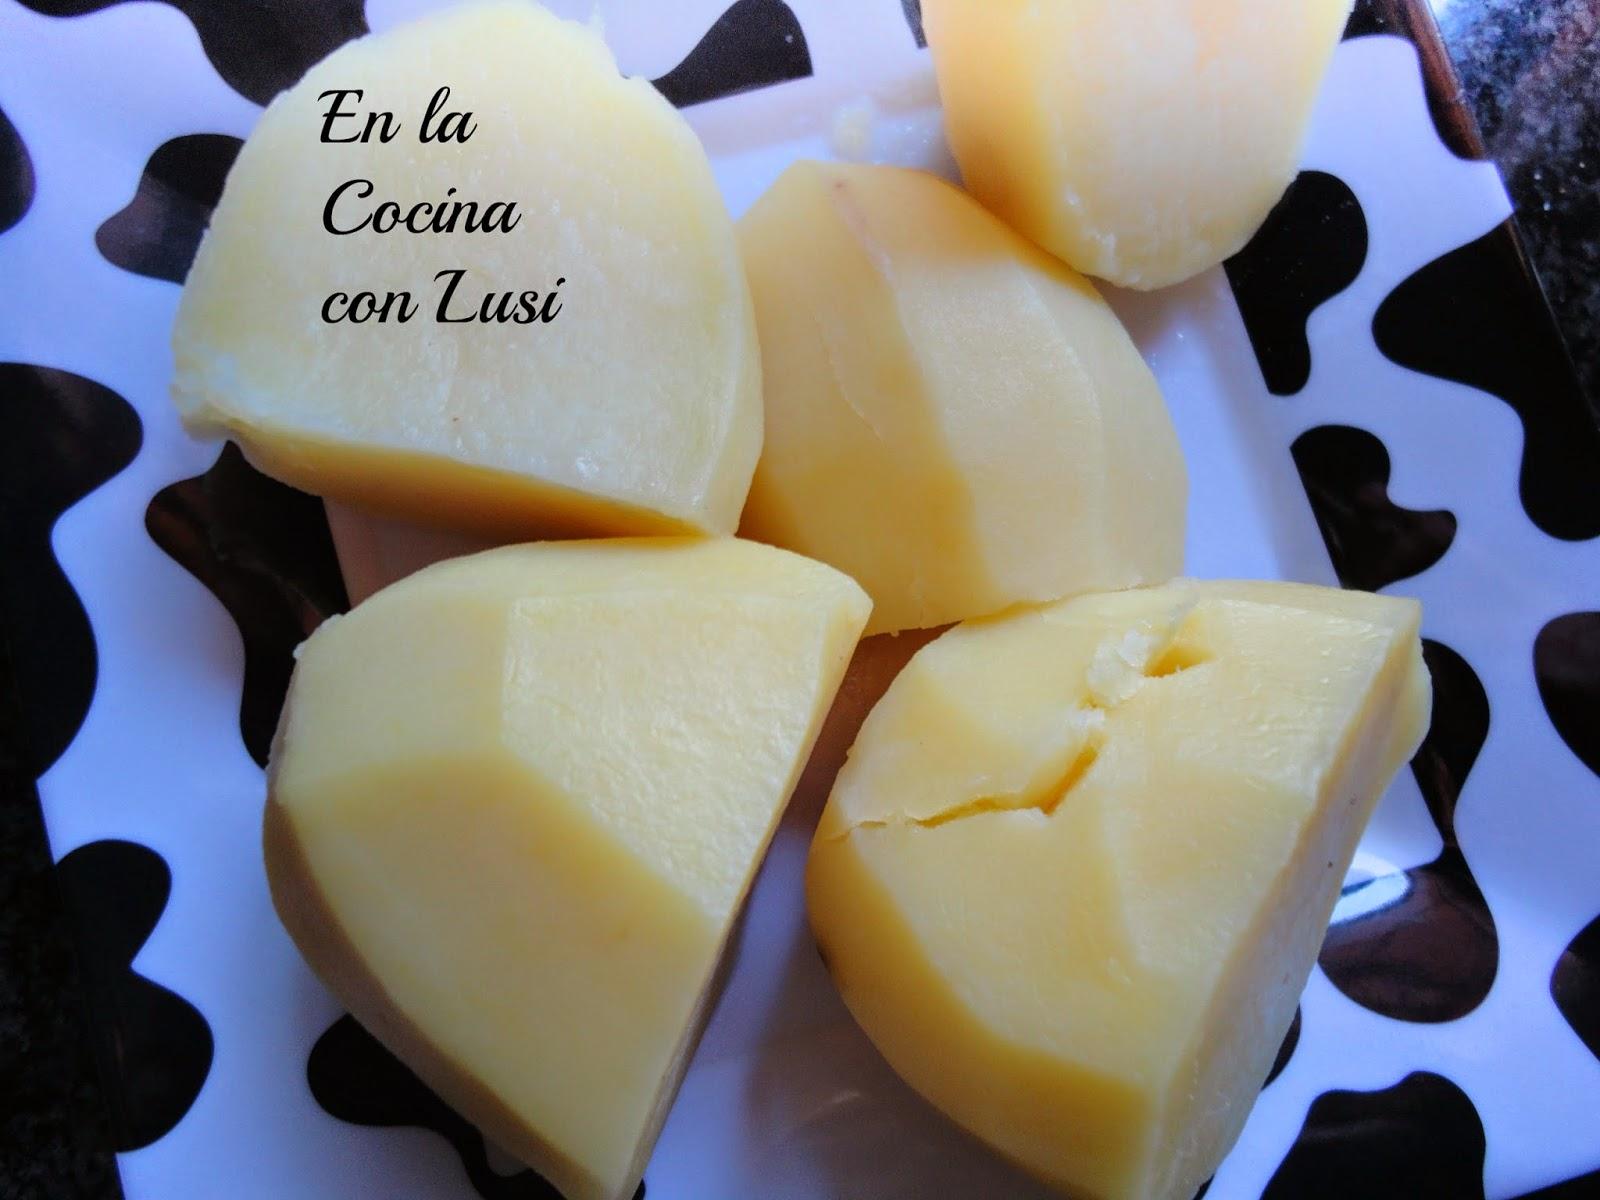 En la cocina con lusi cocer patatas en olla gme - Tiempo de cocer patatas ...